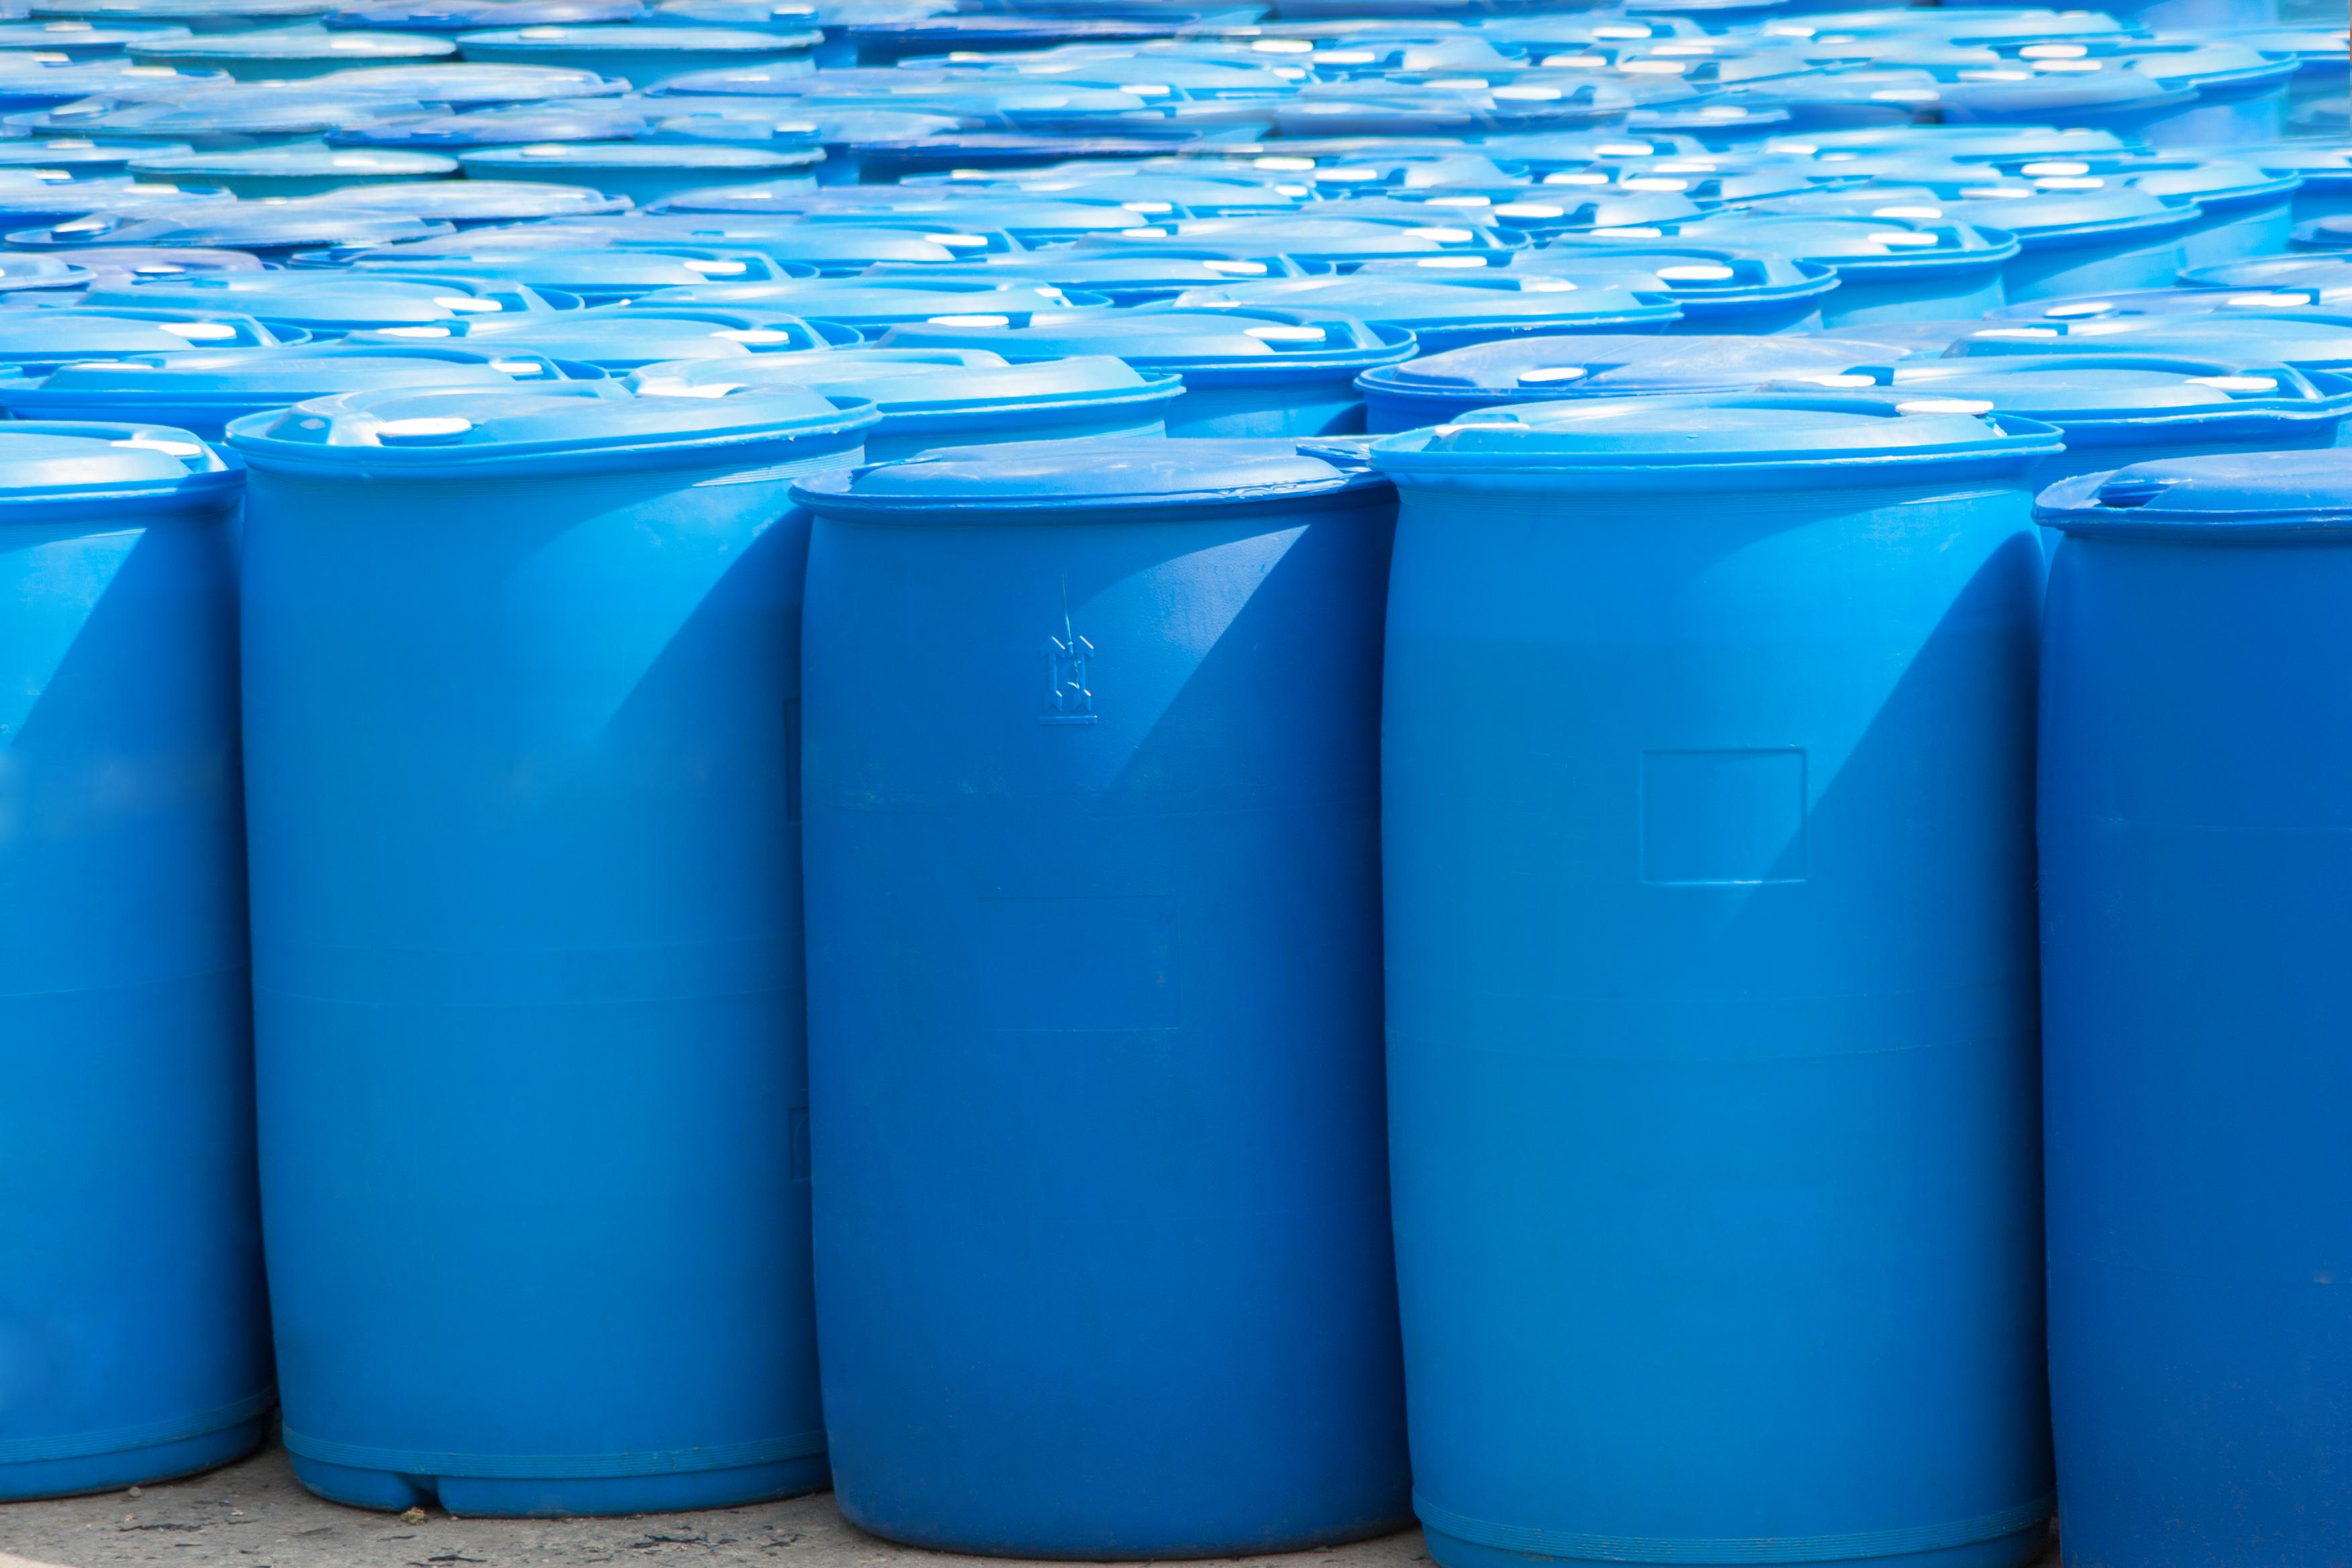 Blue Drums Depositphotos 20304383 Original